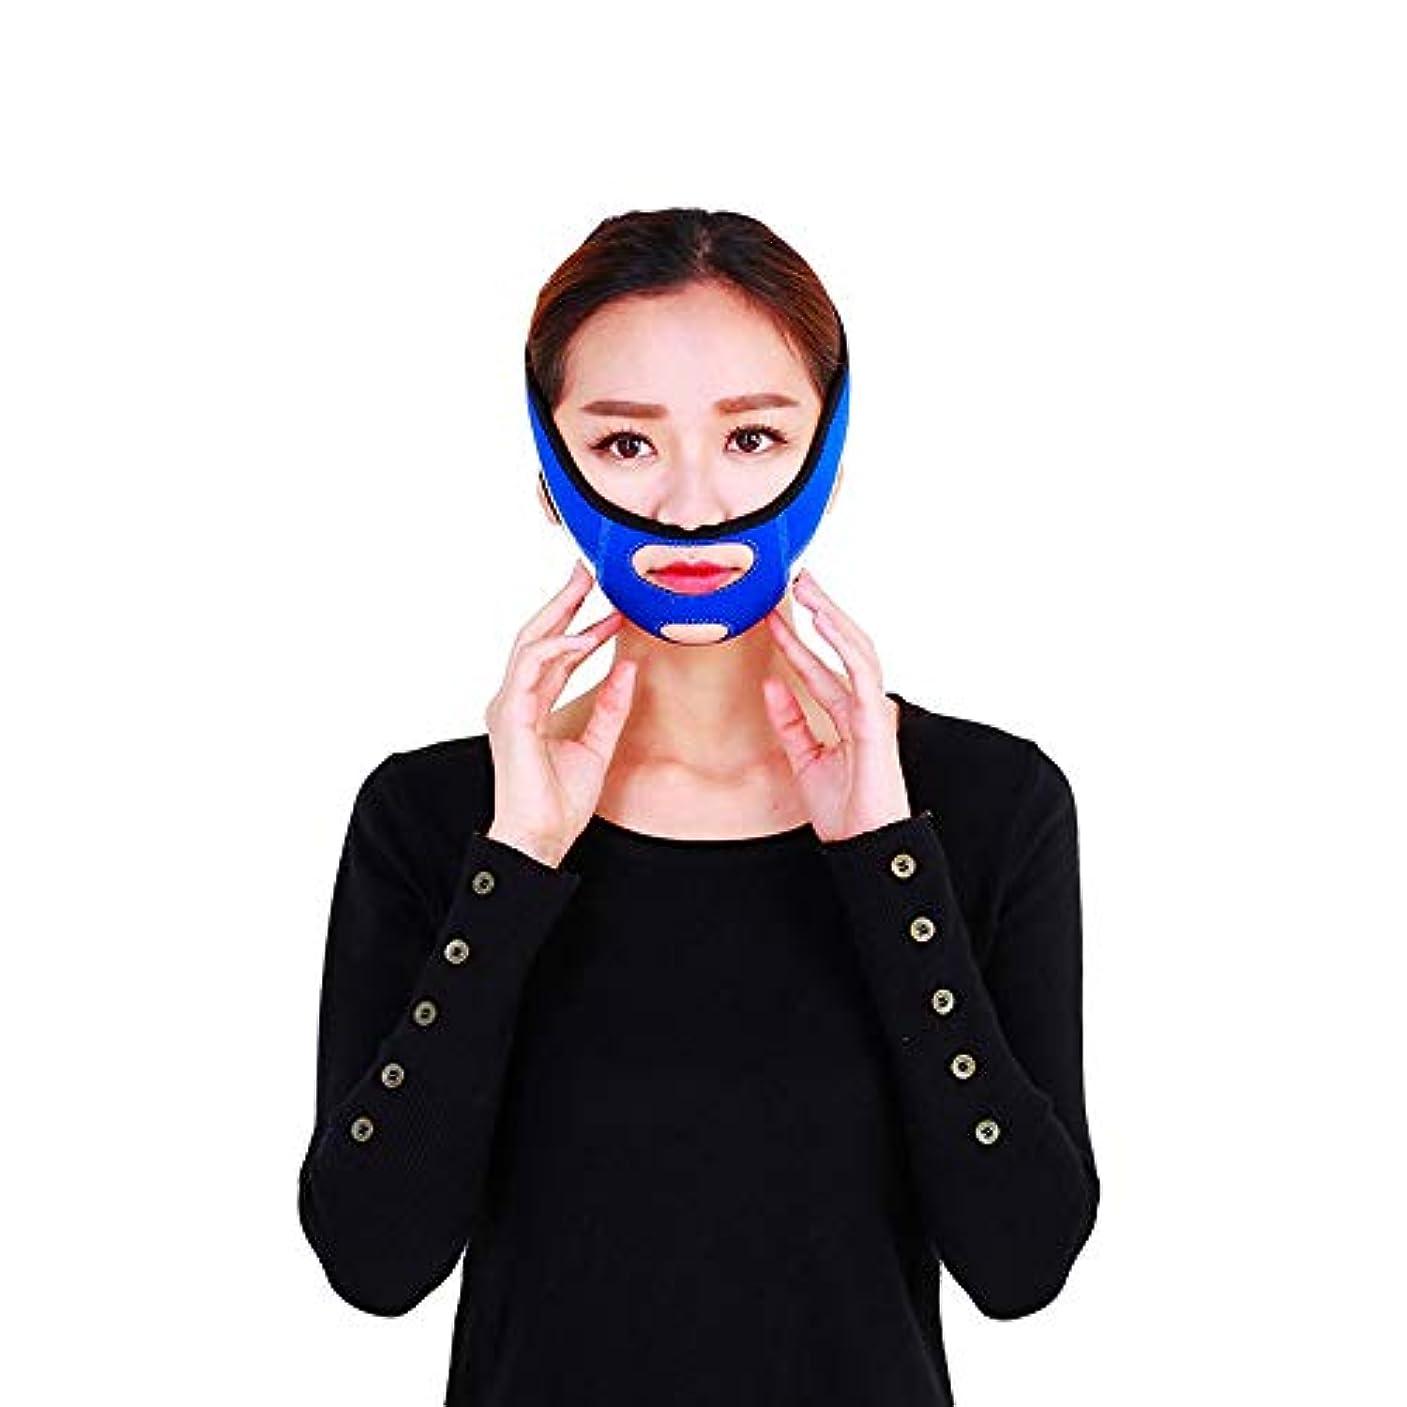 ラバ通行人騒乱Jia Jia- フェイシャルリフティング痩身ベルトフェーススリム二重あごを取り除くアンチエイジングリンクルフェイス包帯マスク整形マスクが顔を引き締める 顔面包帯